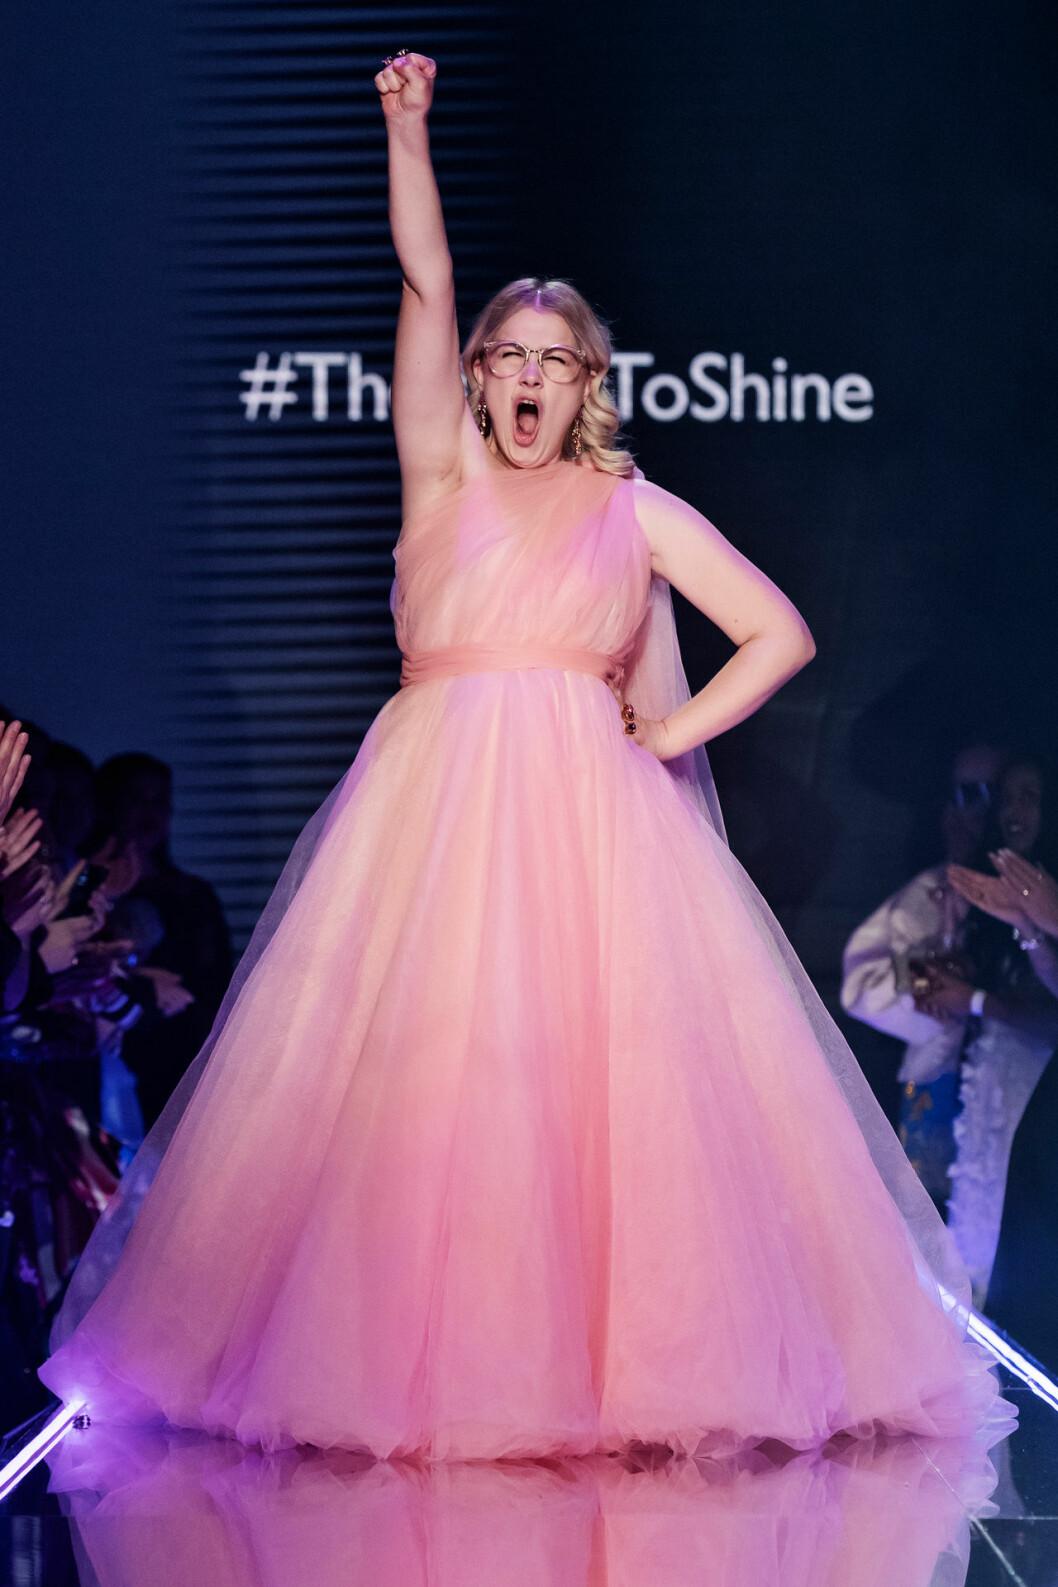 Emma Örtlund gjorde comeback i look nr 1 iklädd sin rosa puffiga prinsess-klänning i design av couturedesignern Frida Jonsvens.